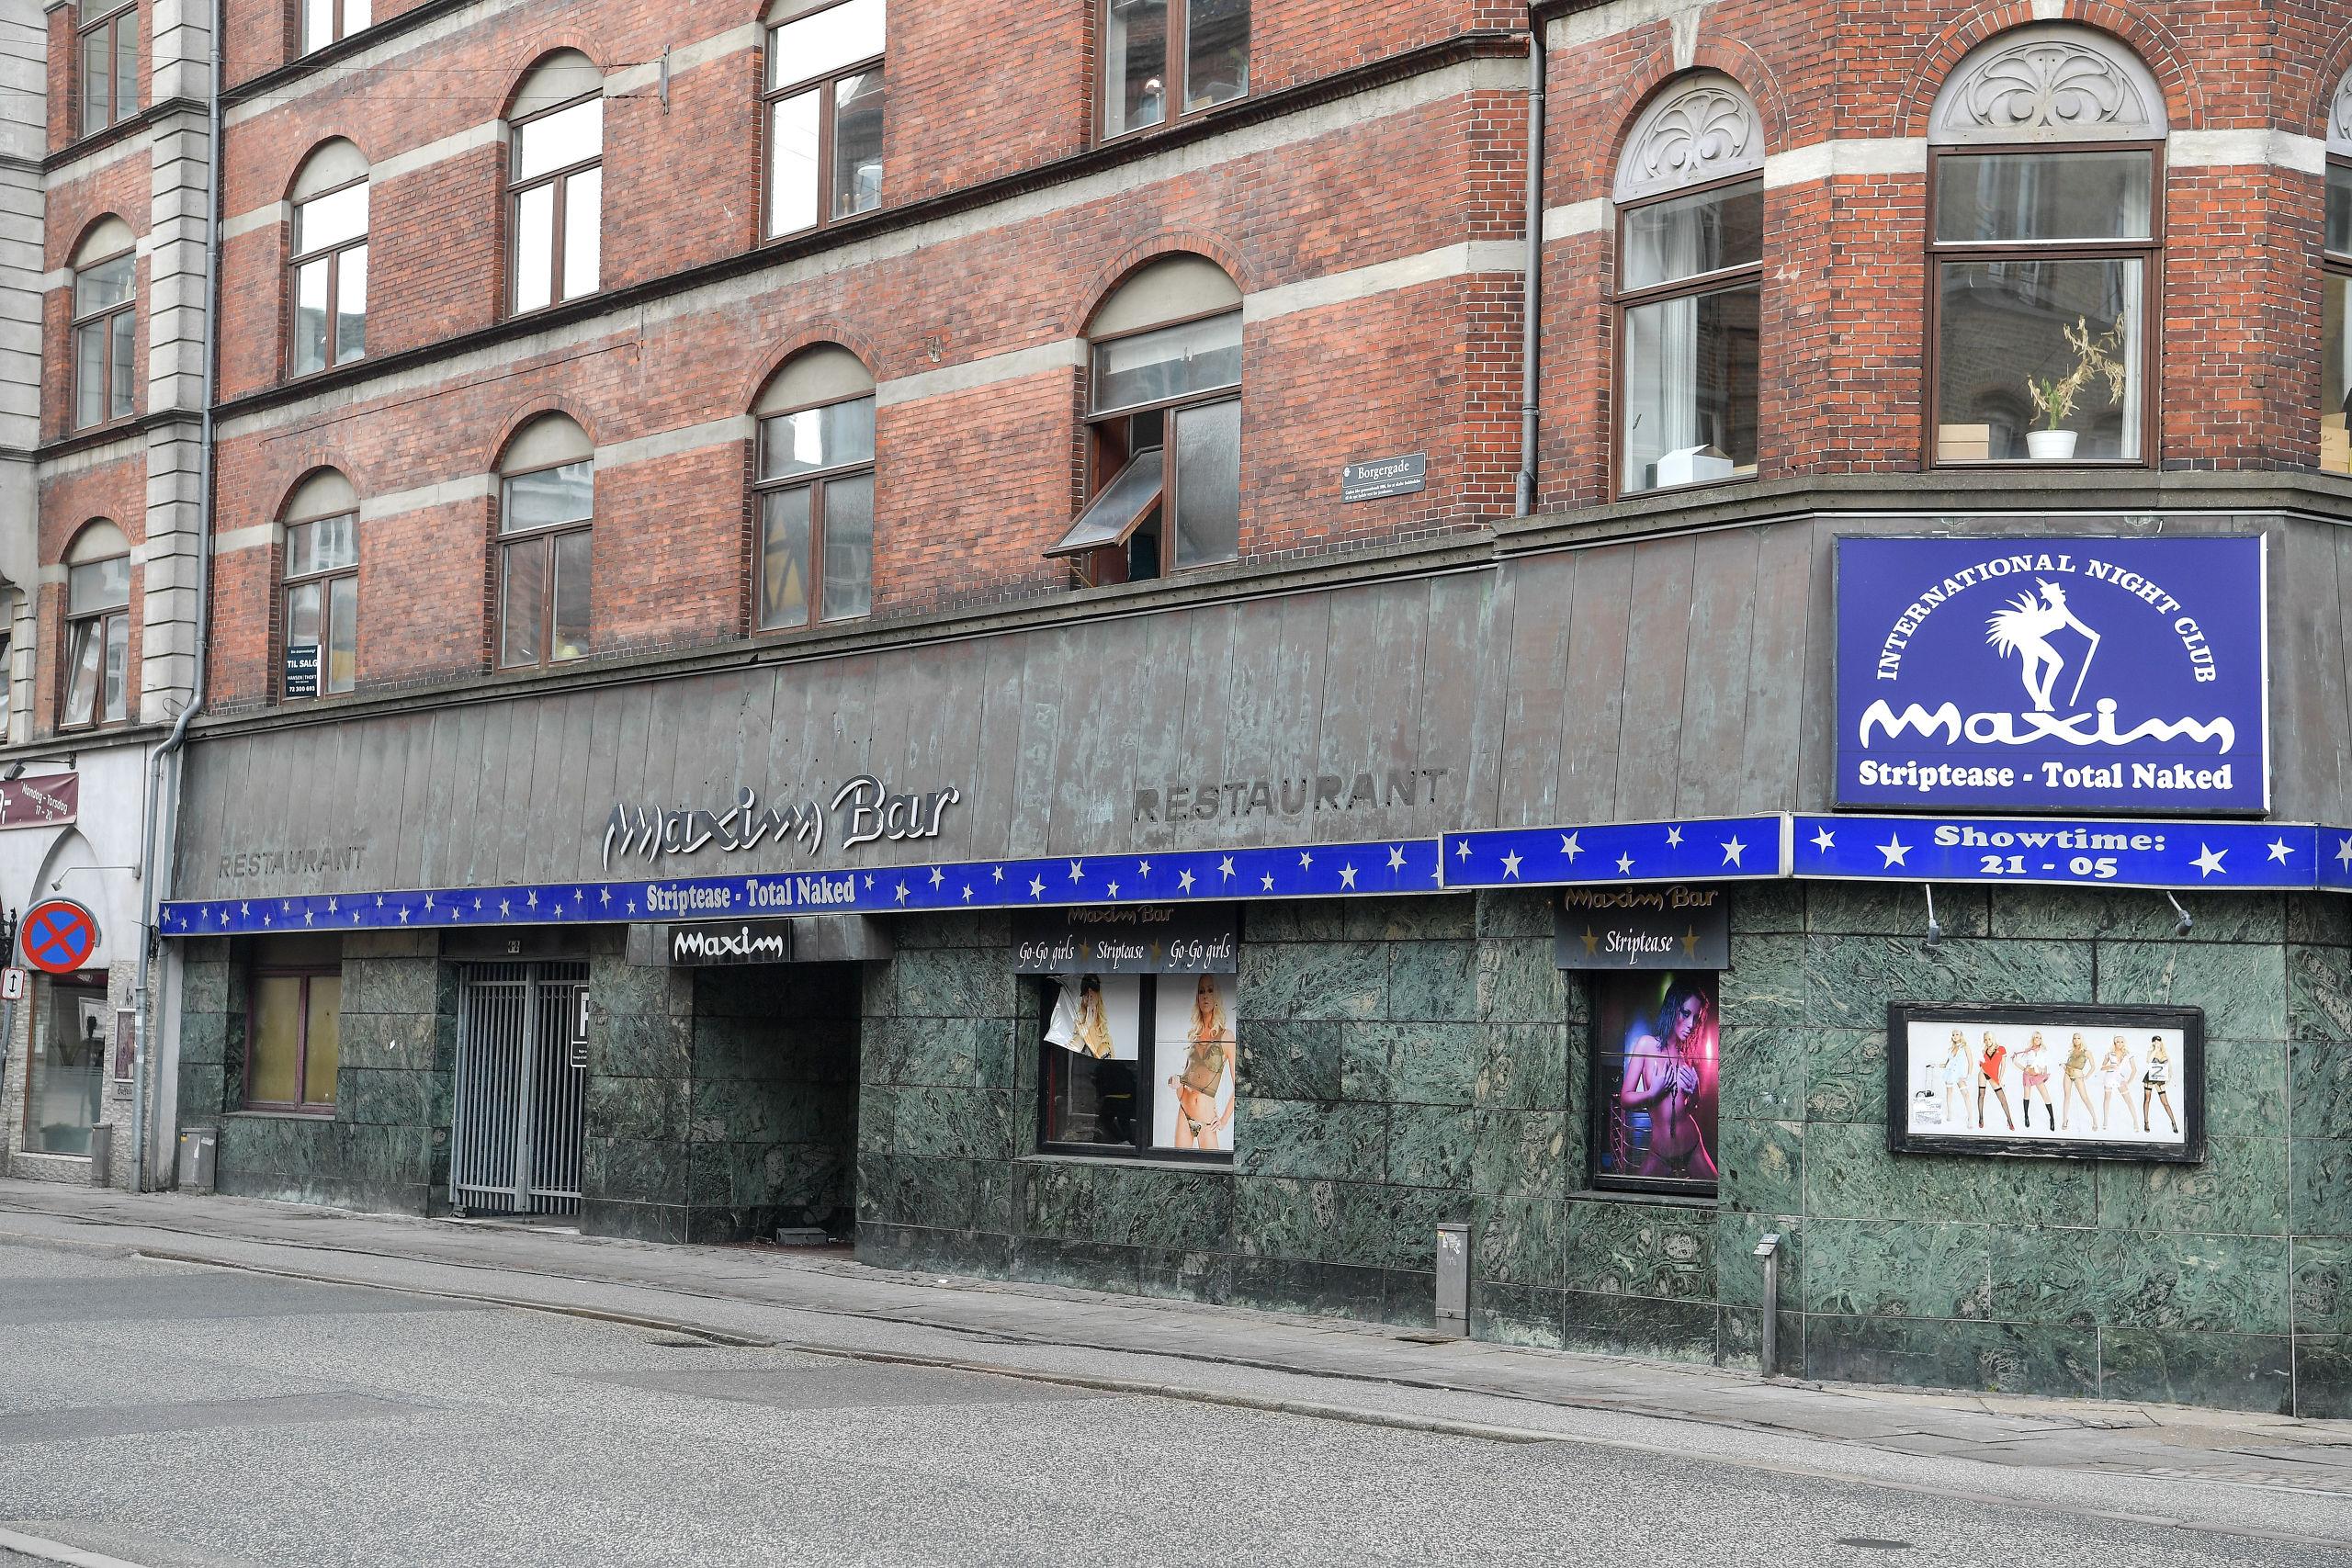 Maxim Bar i Borgergade 2 i Aalborgs centrum eksisterer ikke længere, og der går en rum tid endnu, før transformeringen til cocktailbar er gennemført. Arkivfoto: Claus Søndberg